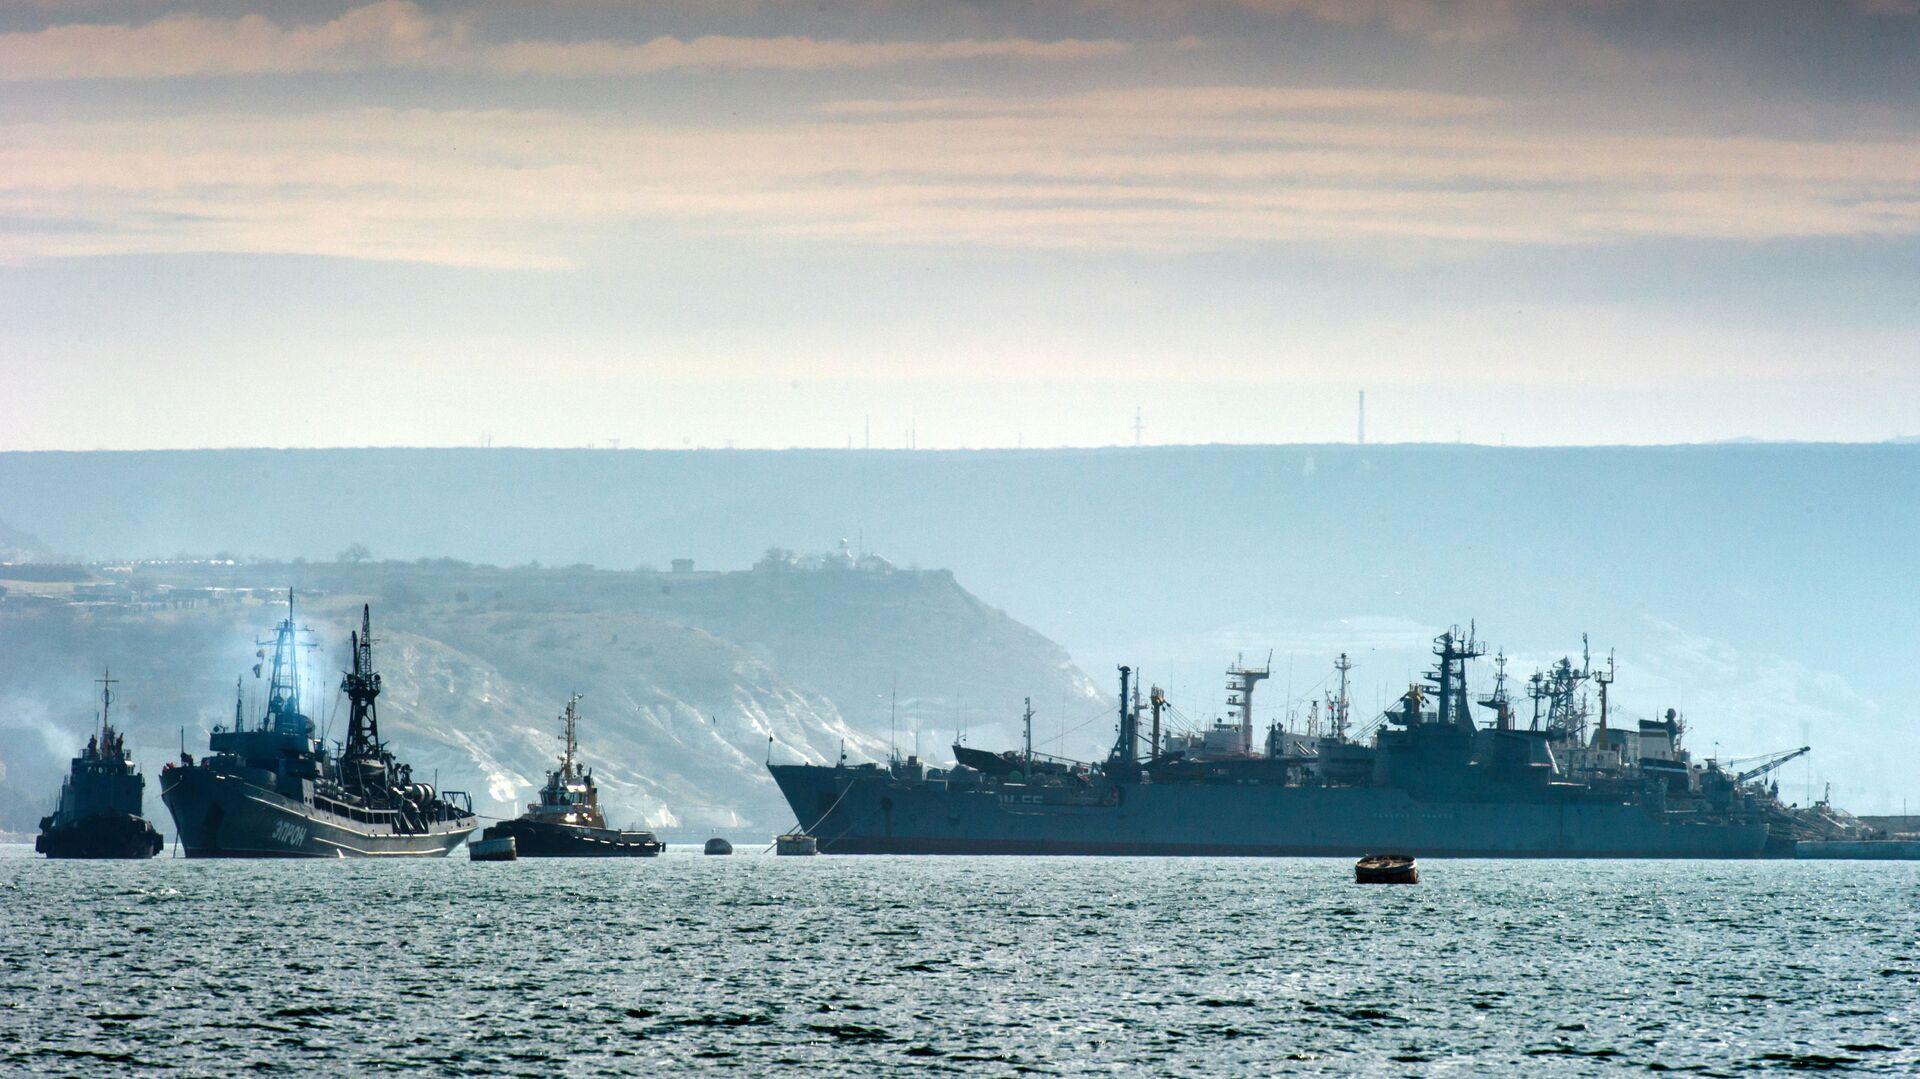 Navi della Flotta russa del Mar Nero - Sputnik Italia, 1920, 24.06.2021